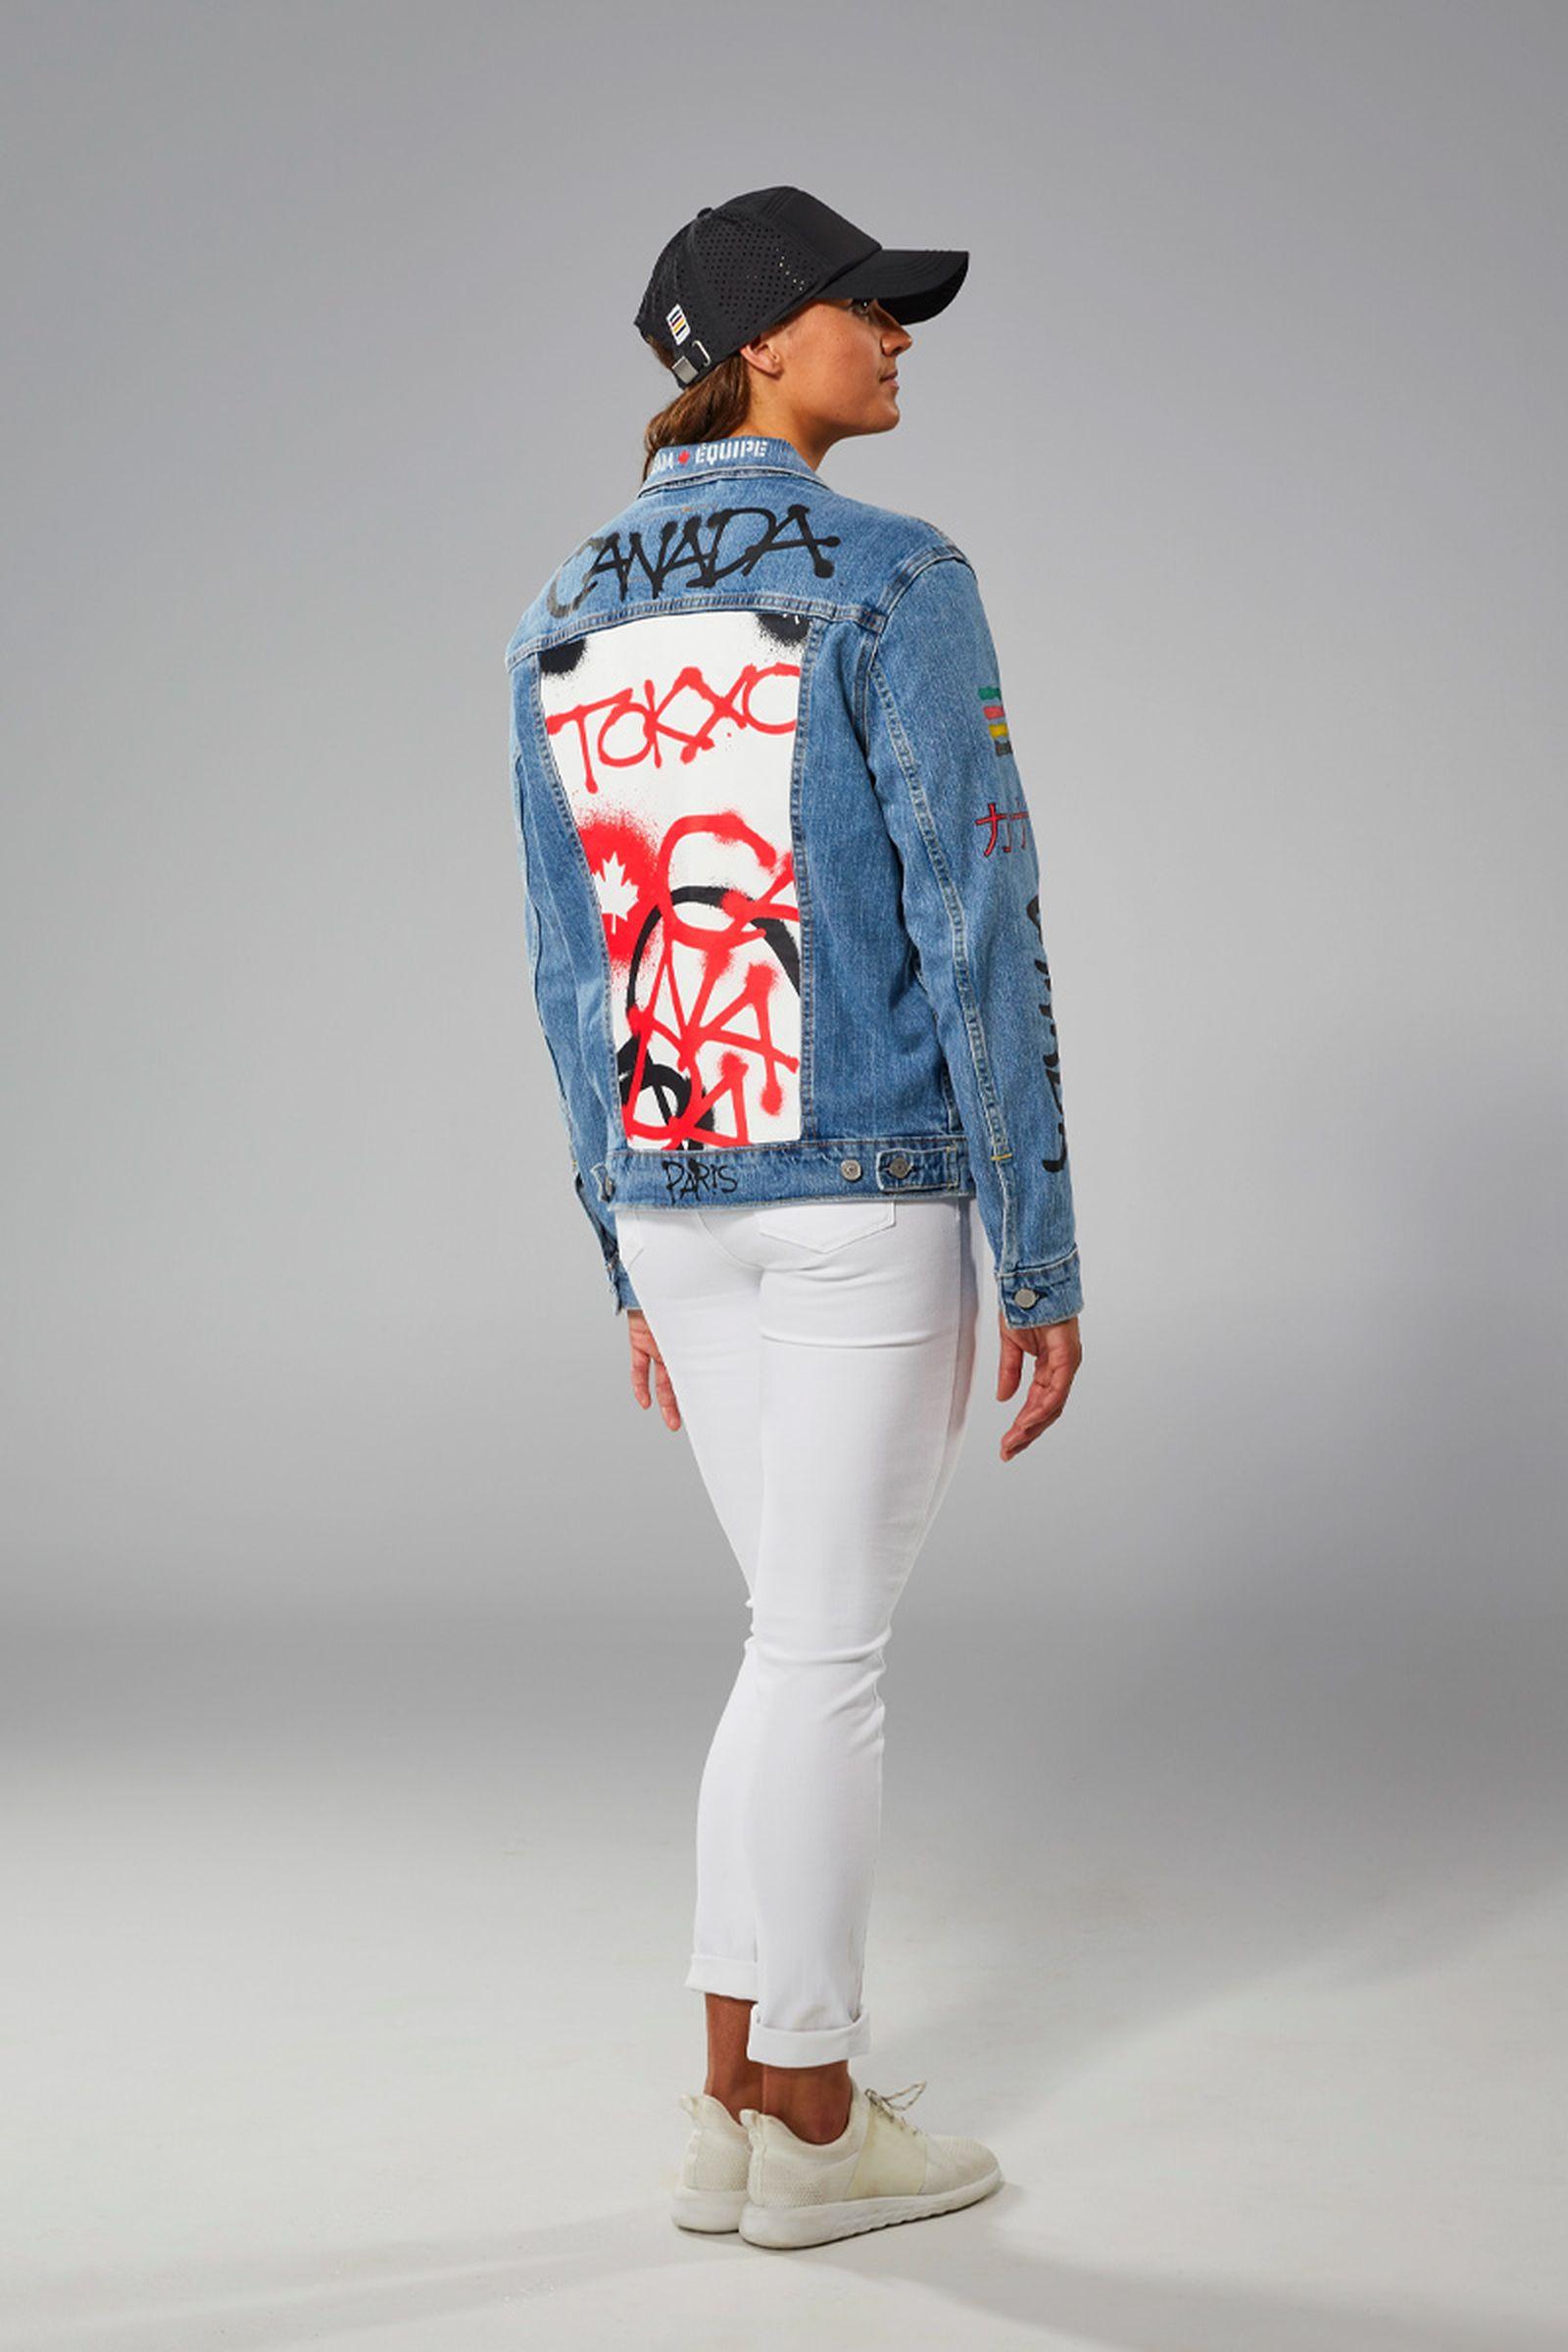 canada-olympic-uniform-denim-jacket-07